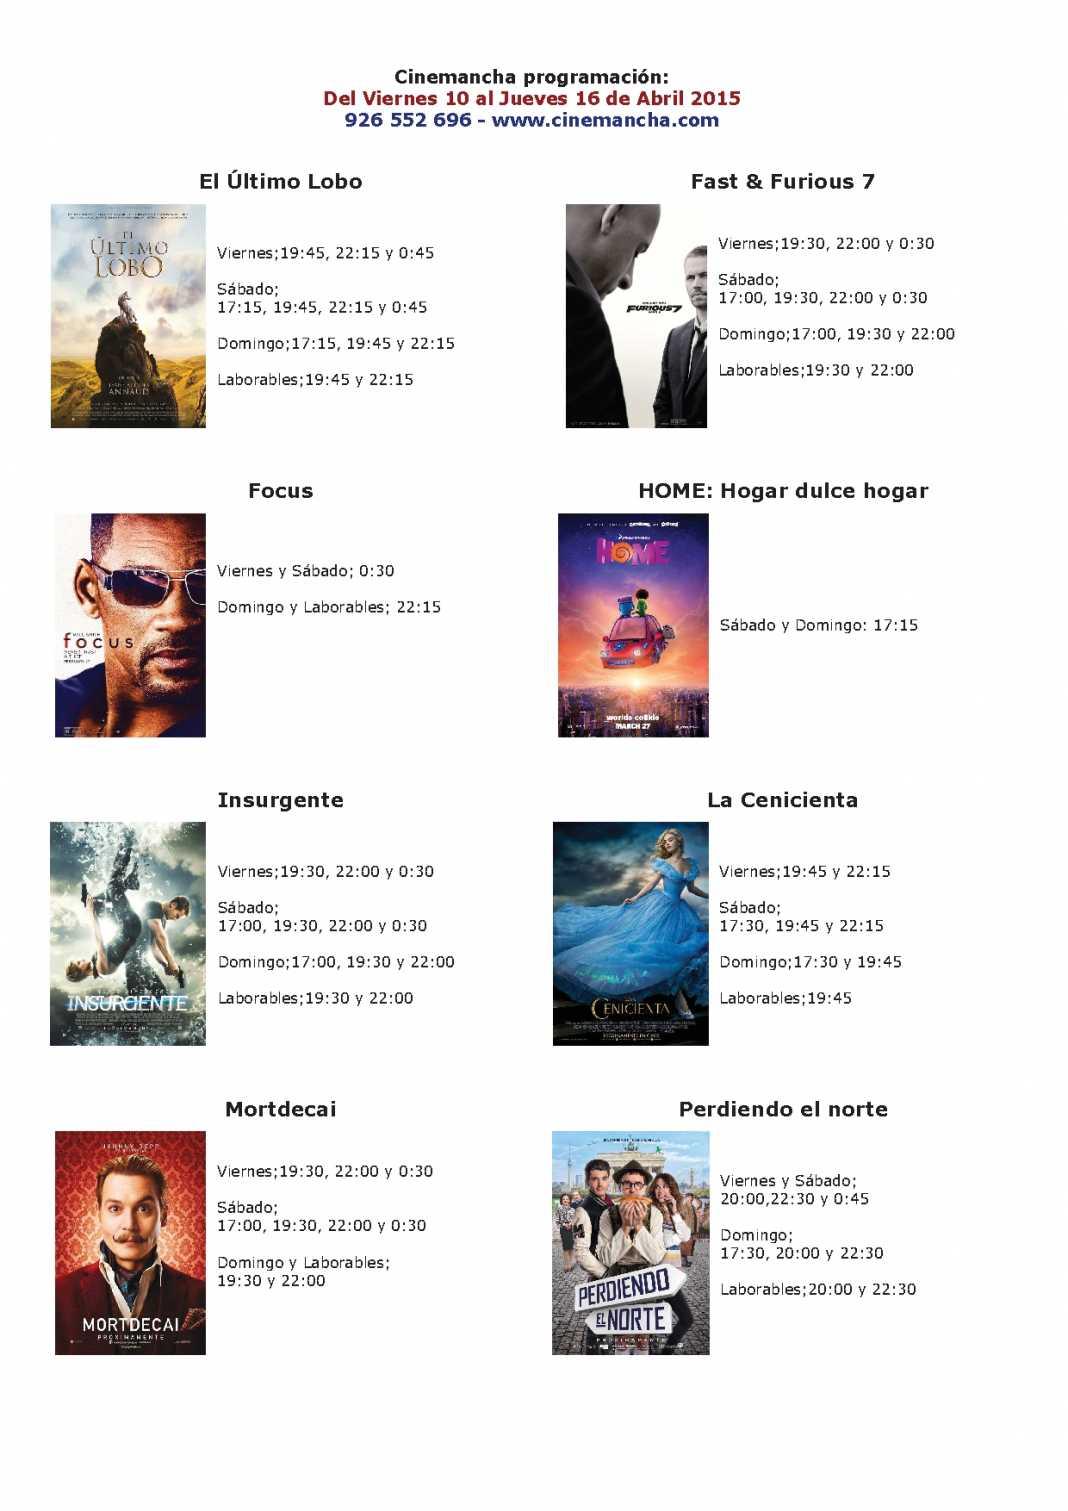 cartelera del 10 al 16 de abril multicines cinemancha 1068x1511 - Cartelera del 10 al 16 de abril, Multicines Cinemancha